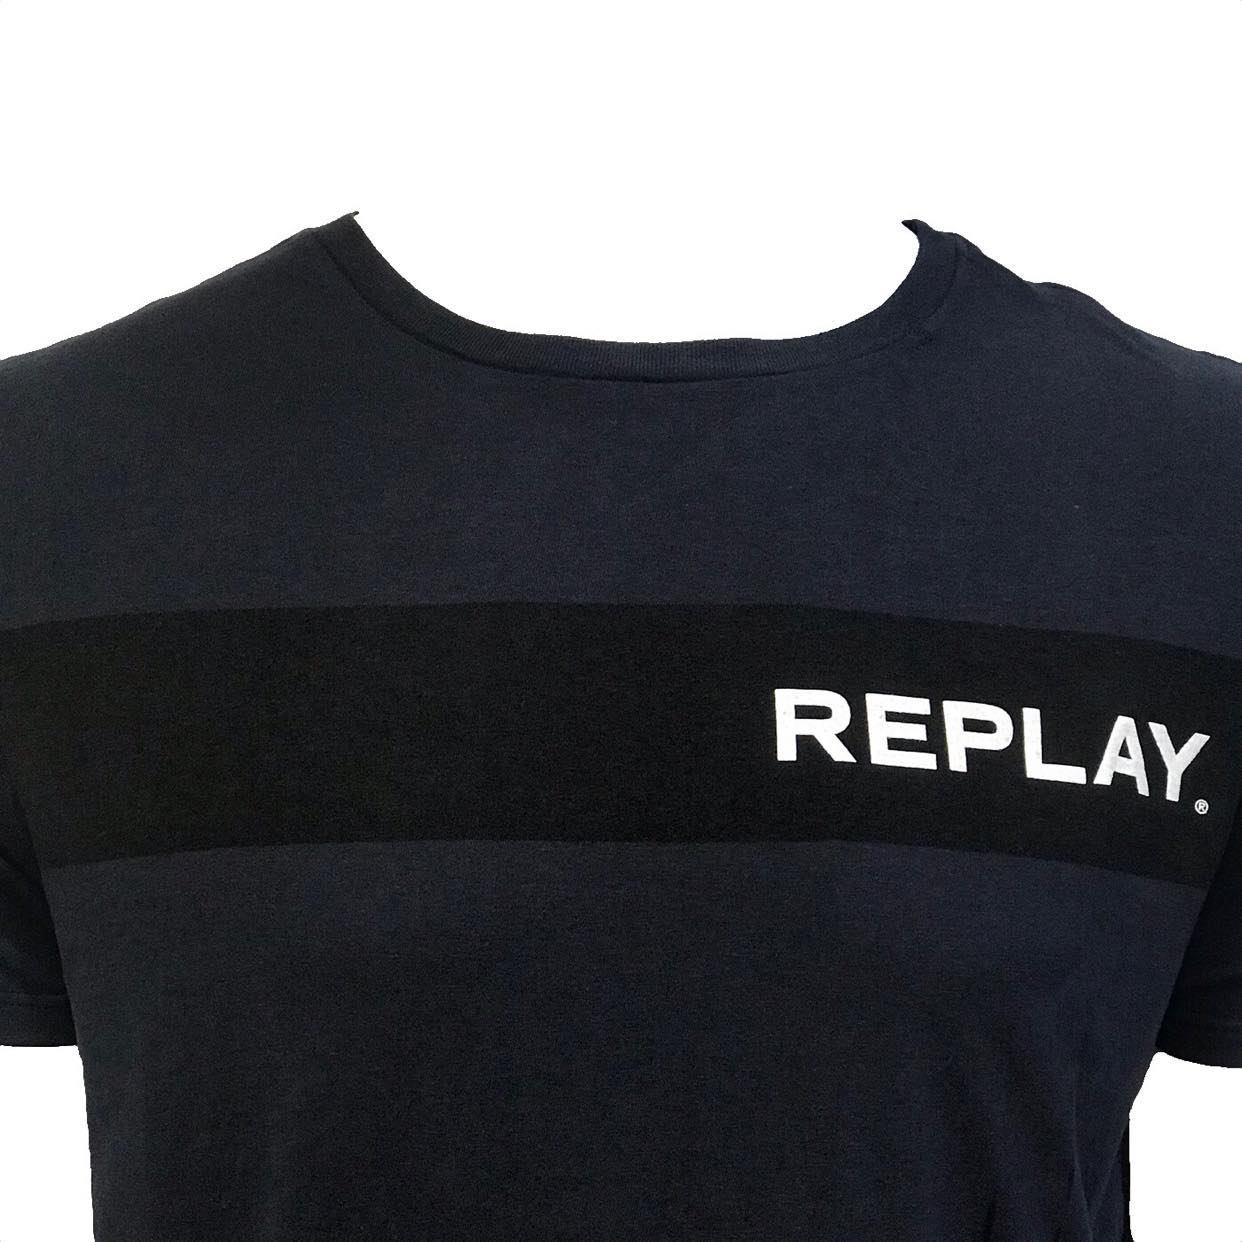 Camiseta Replay Institucional Básica Azul Marinho